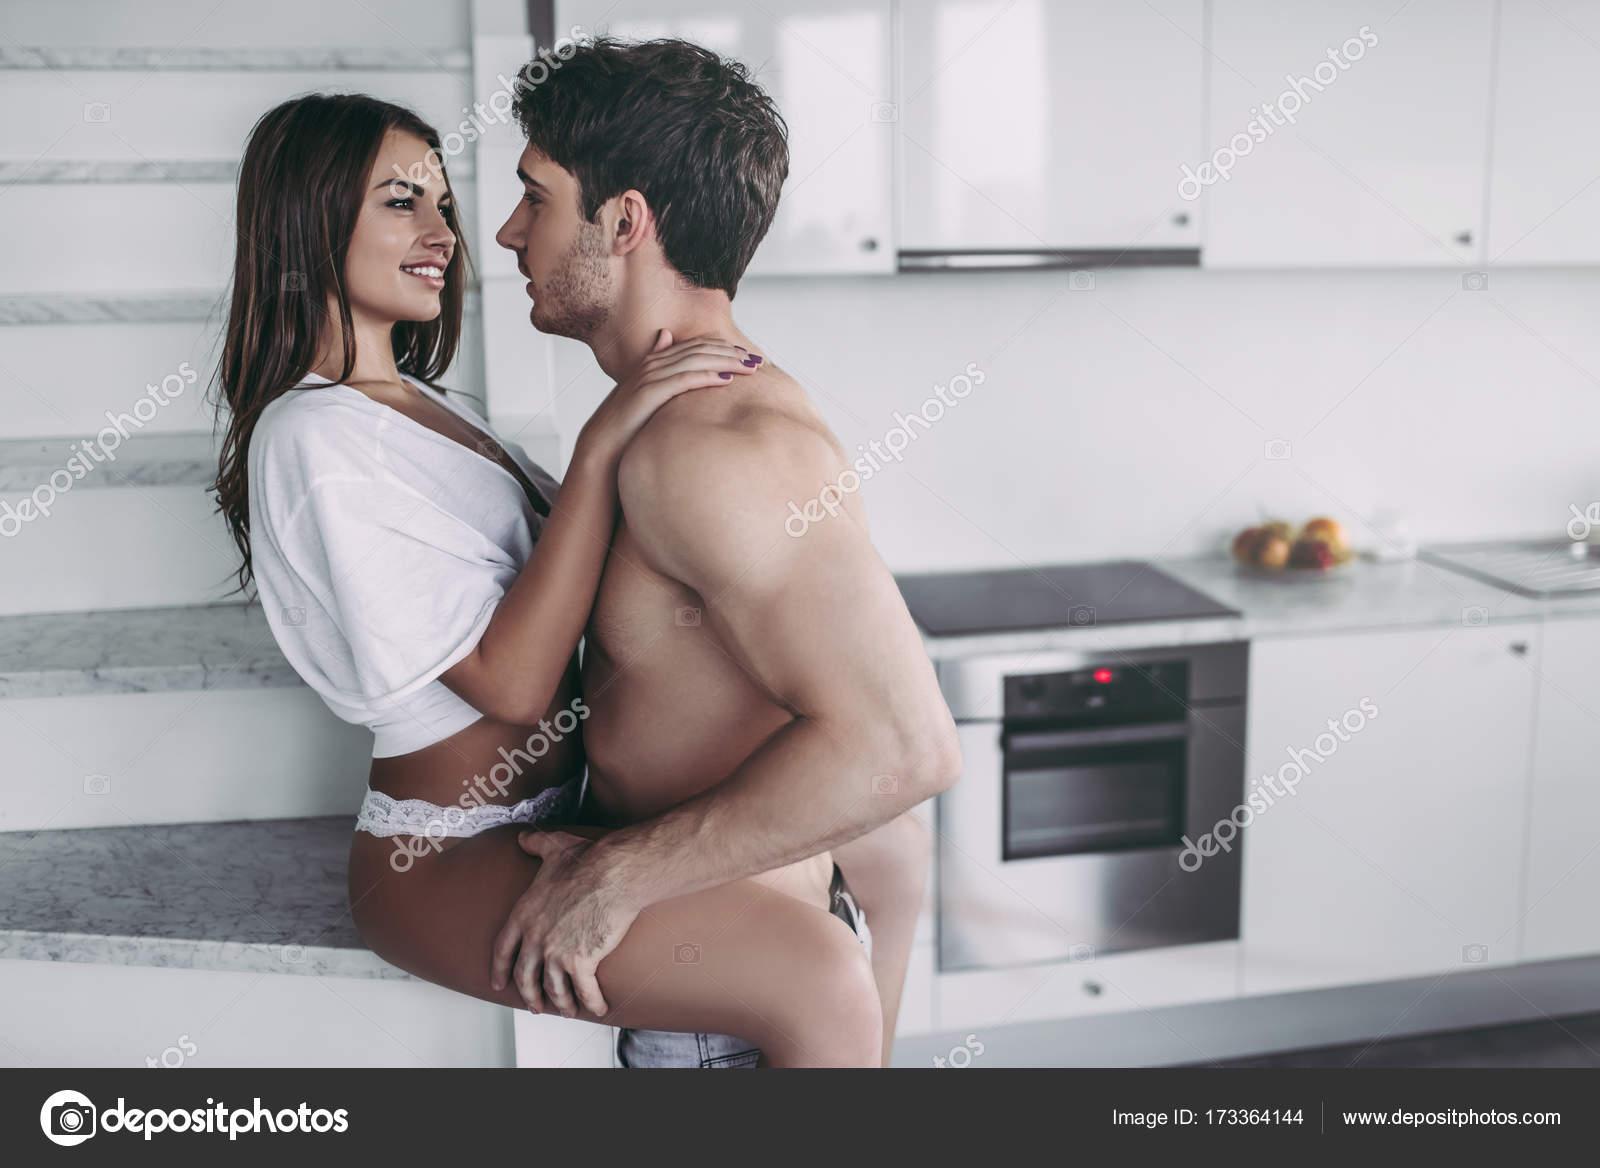 coppia in cucina  Foto Stock  4pmphotogmailcom 173364144